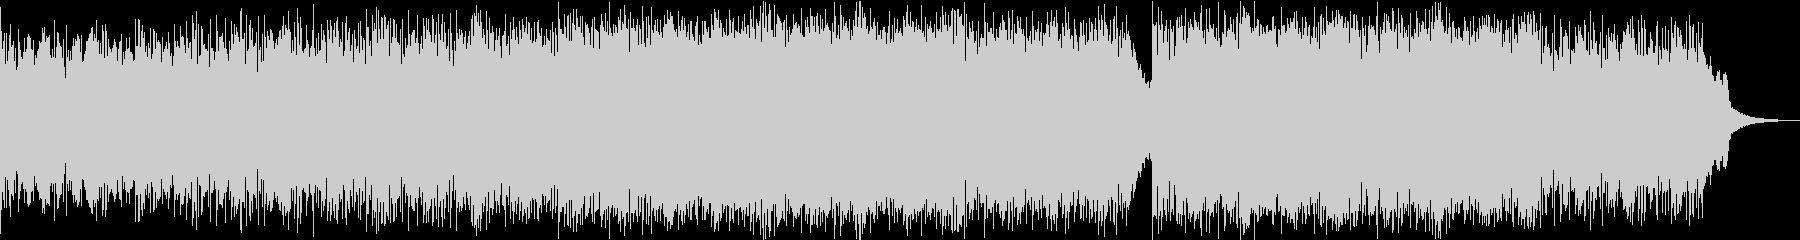 激しい、エピックなリズムのメタルBGMの未再生の波形